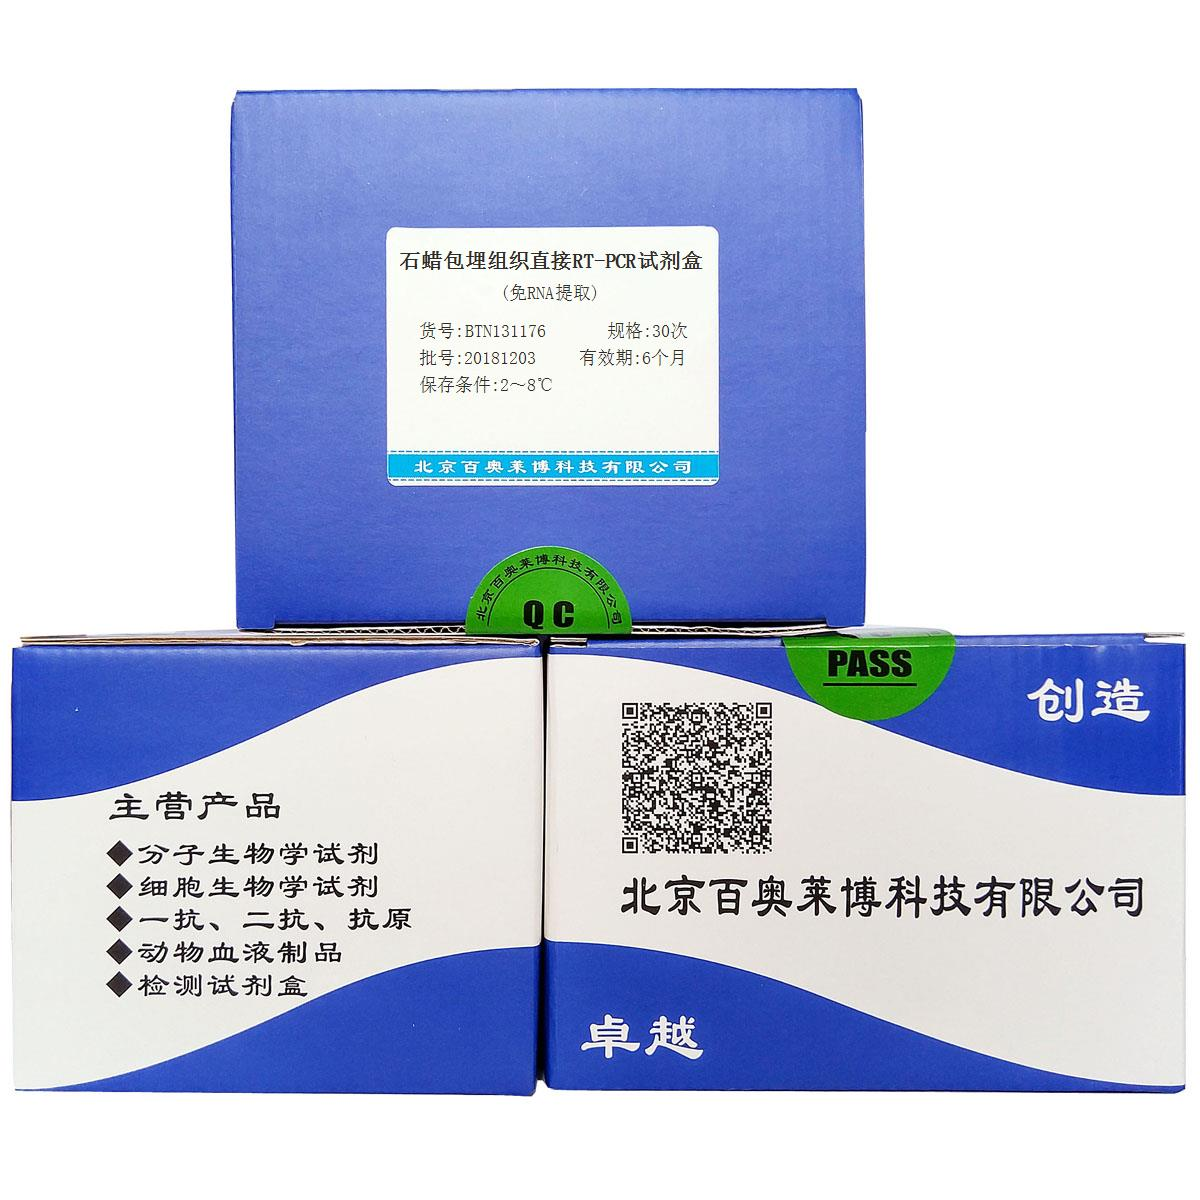 石蜡包埋组织直接RT-PCR试剂盒(免RNA提取)